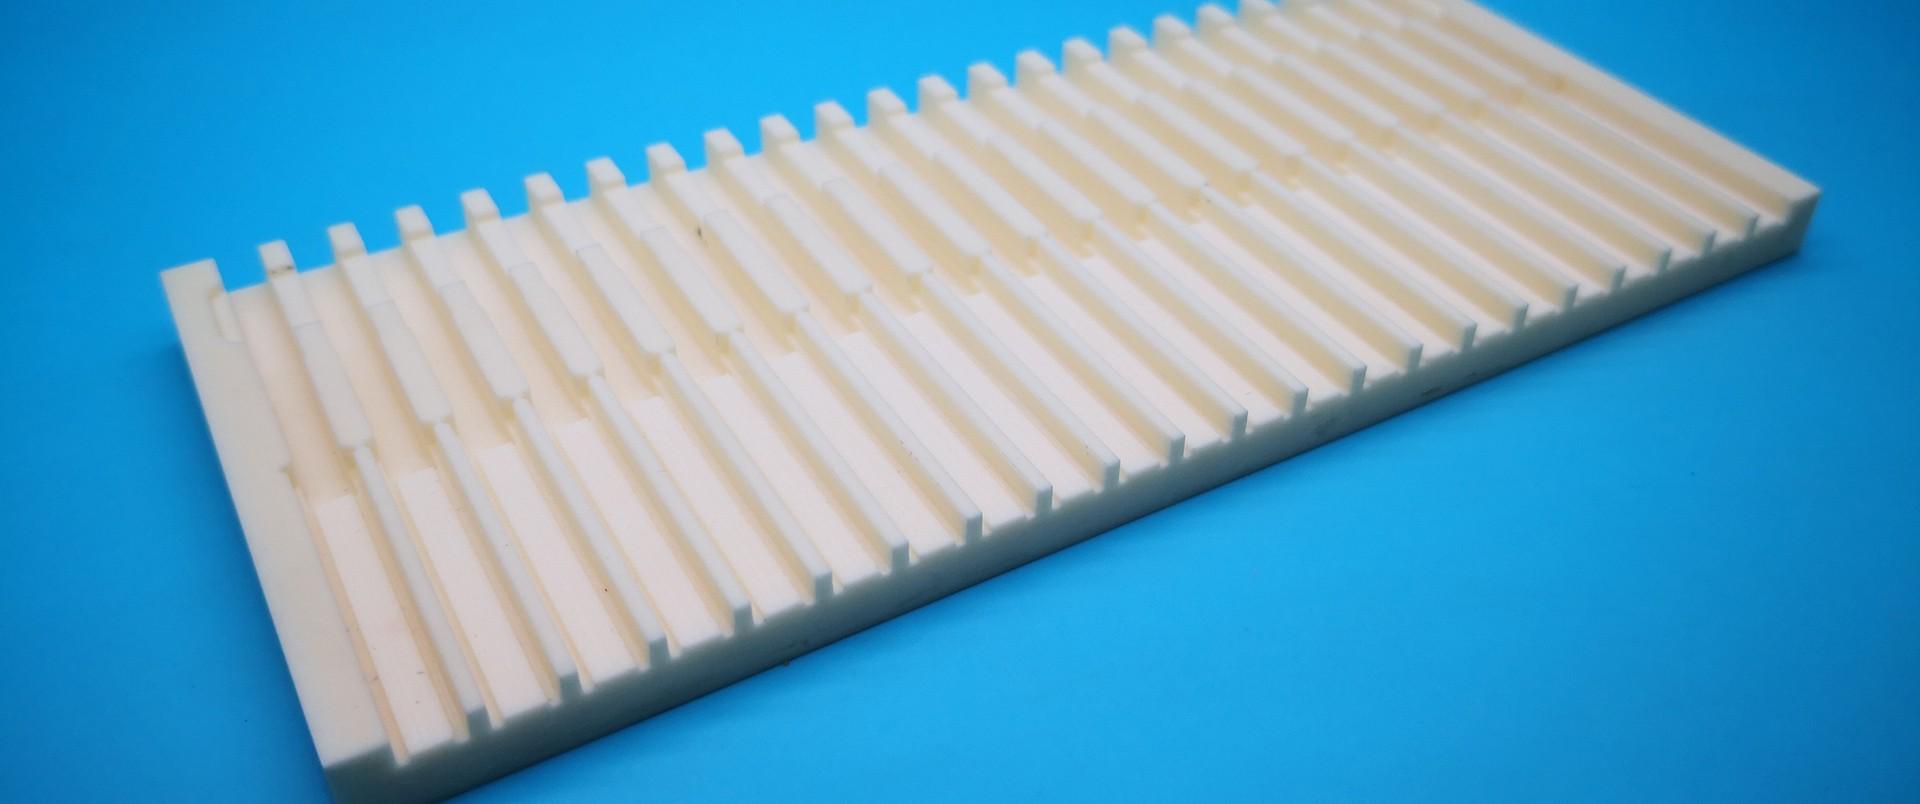 Alumina Ceramic Components